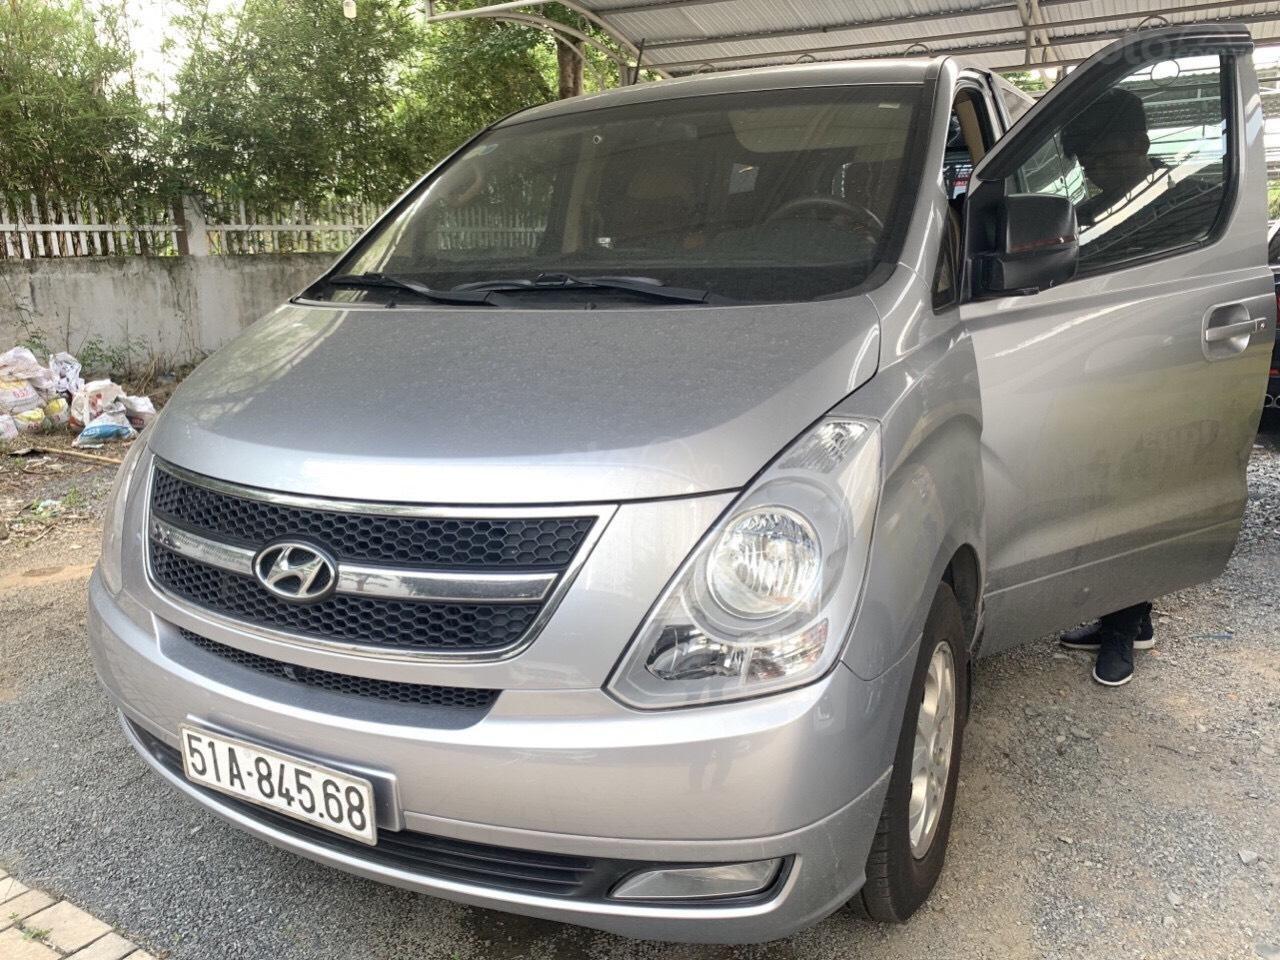 Cần bán Hyundai Stares sản xuất 2014, xe nhà trùm mềm zin 67000 km (1)